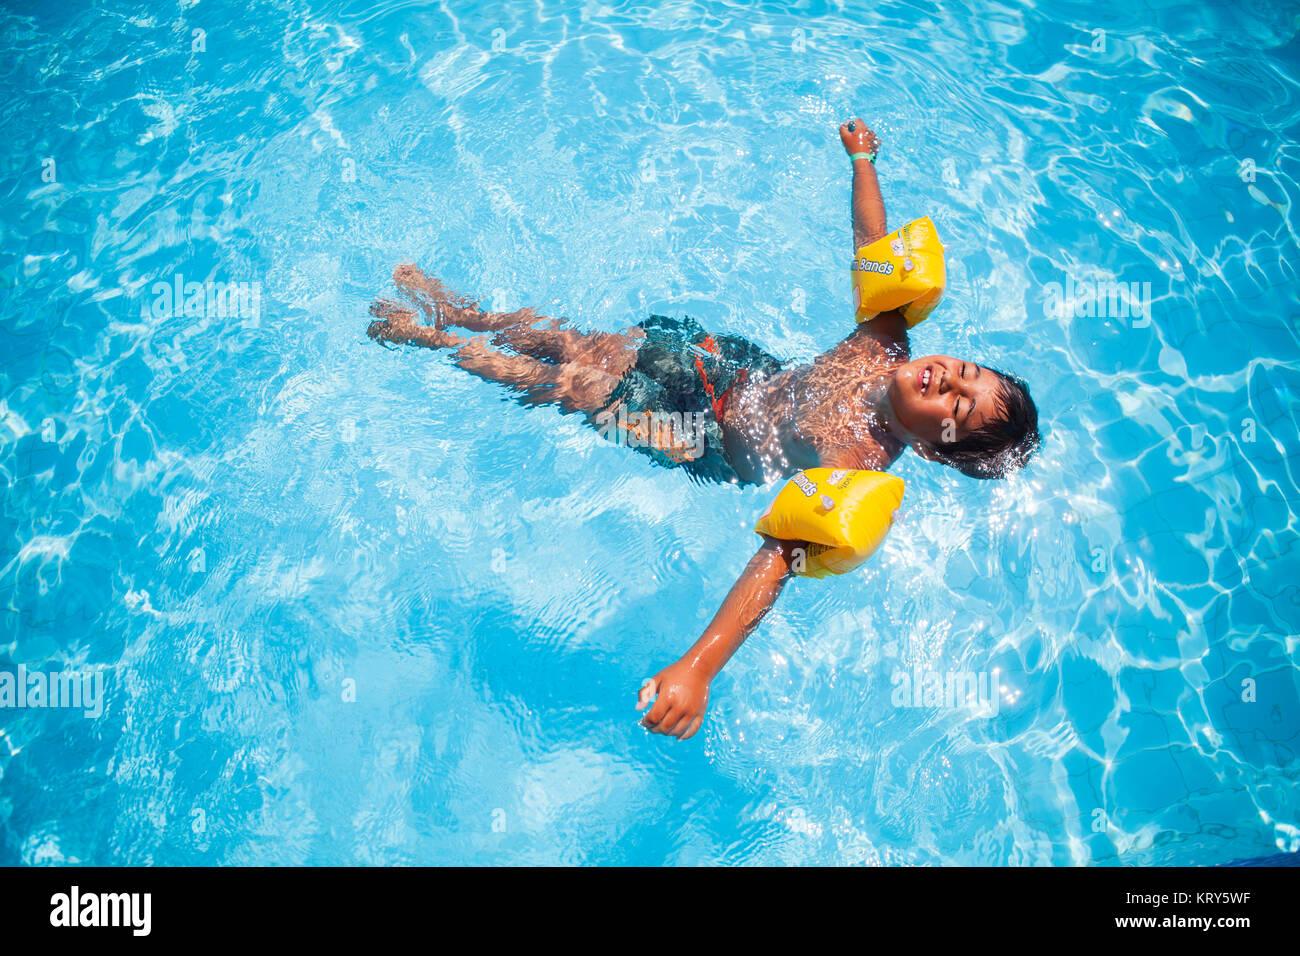 Un niño usando agua alas flotando en una piscina Imagen De Stock